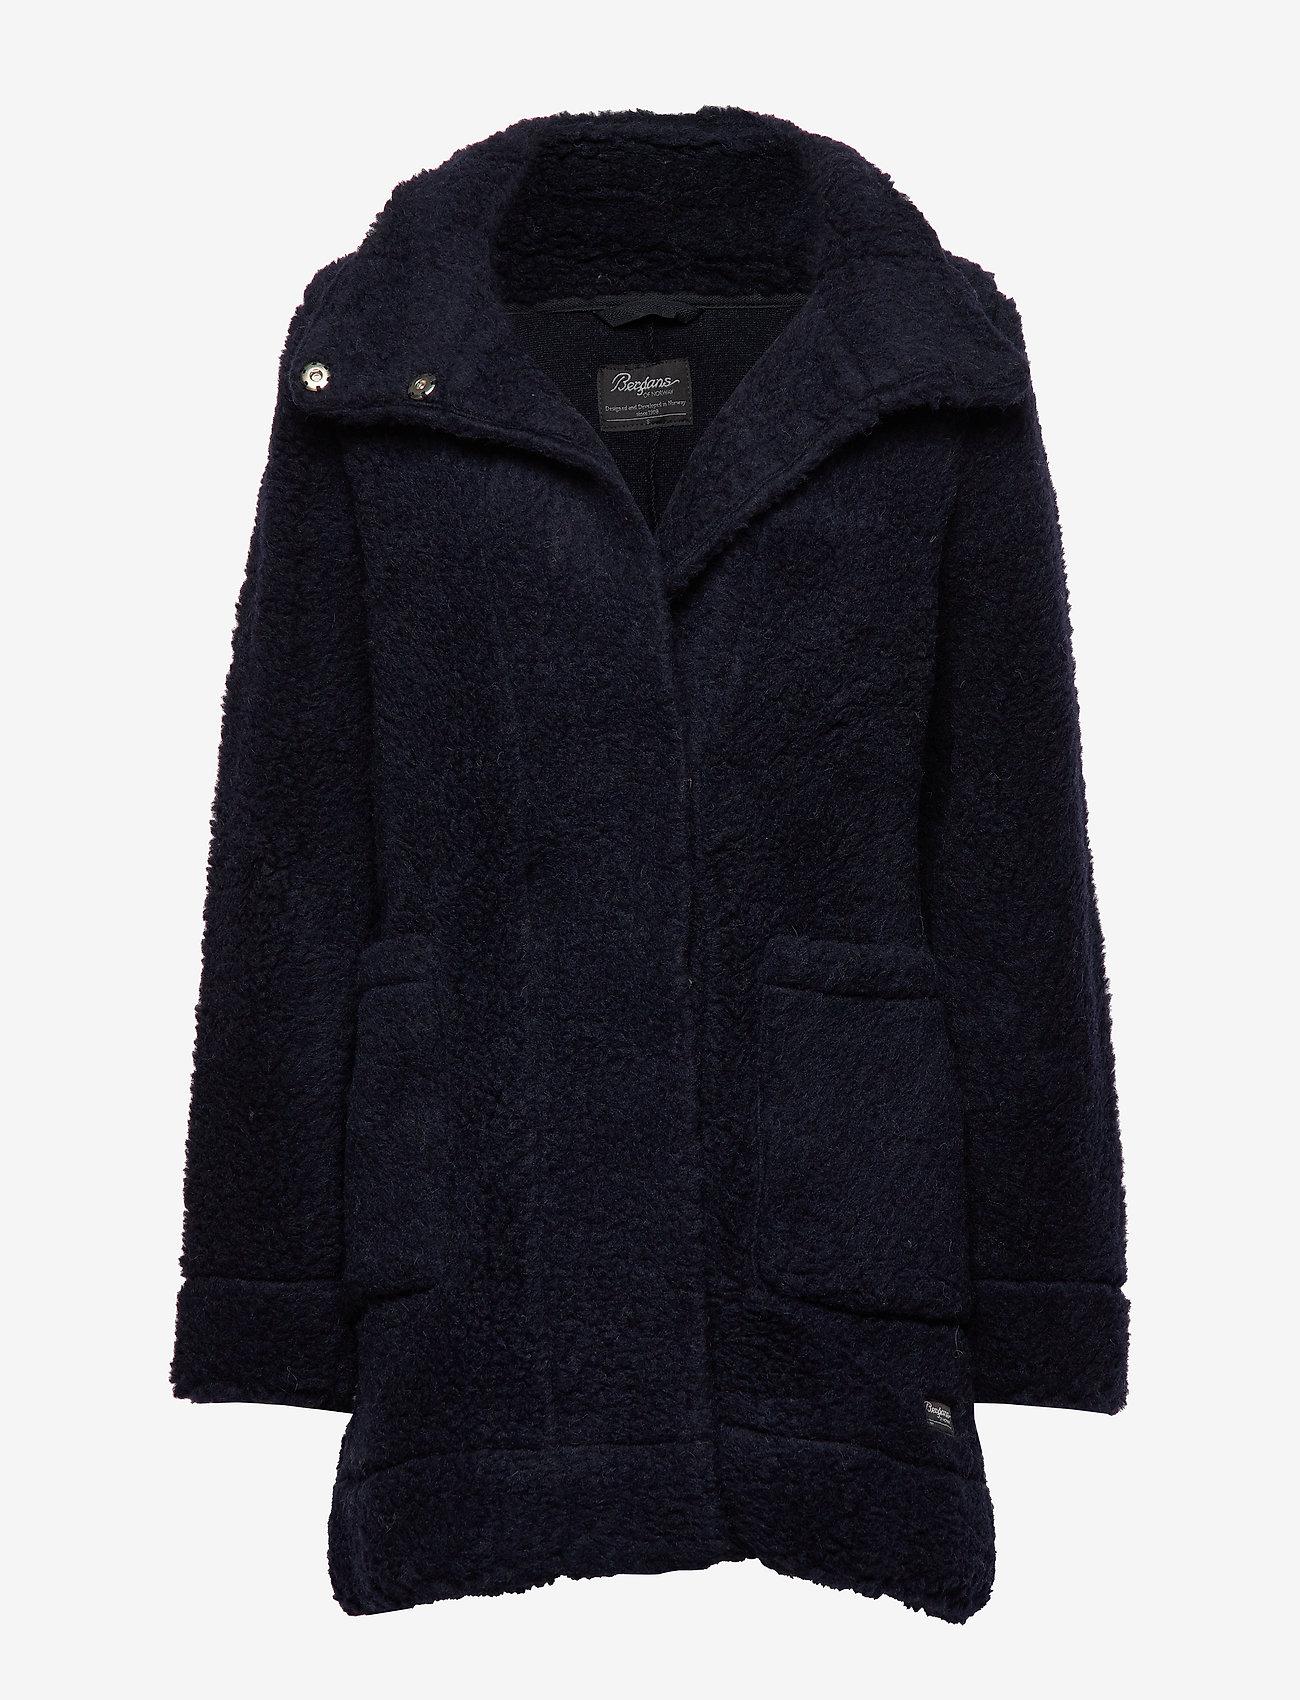 Bergans - Oslo Wool LooseFit W Jkt - wool jackets - dk navy - 0